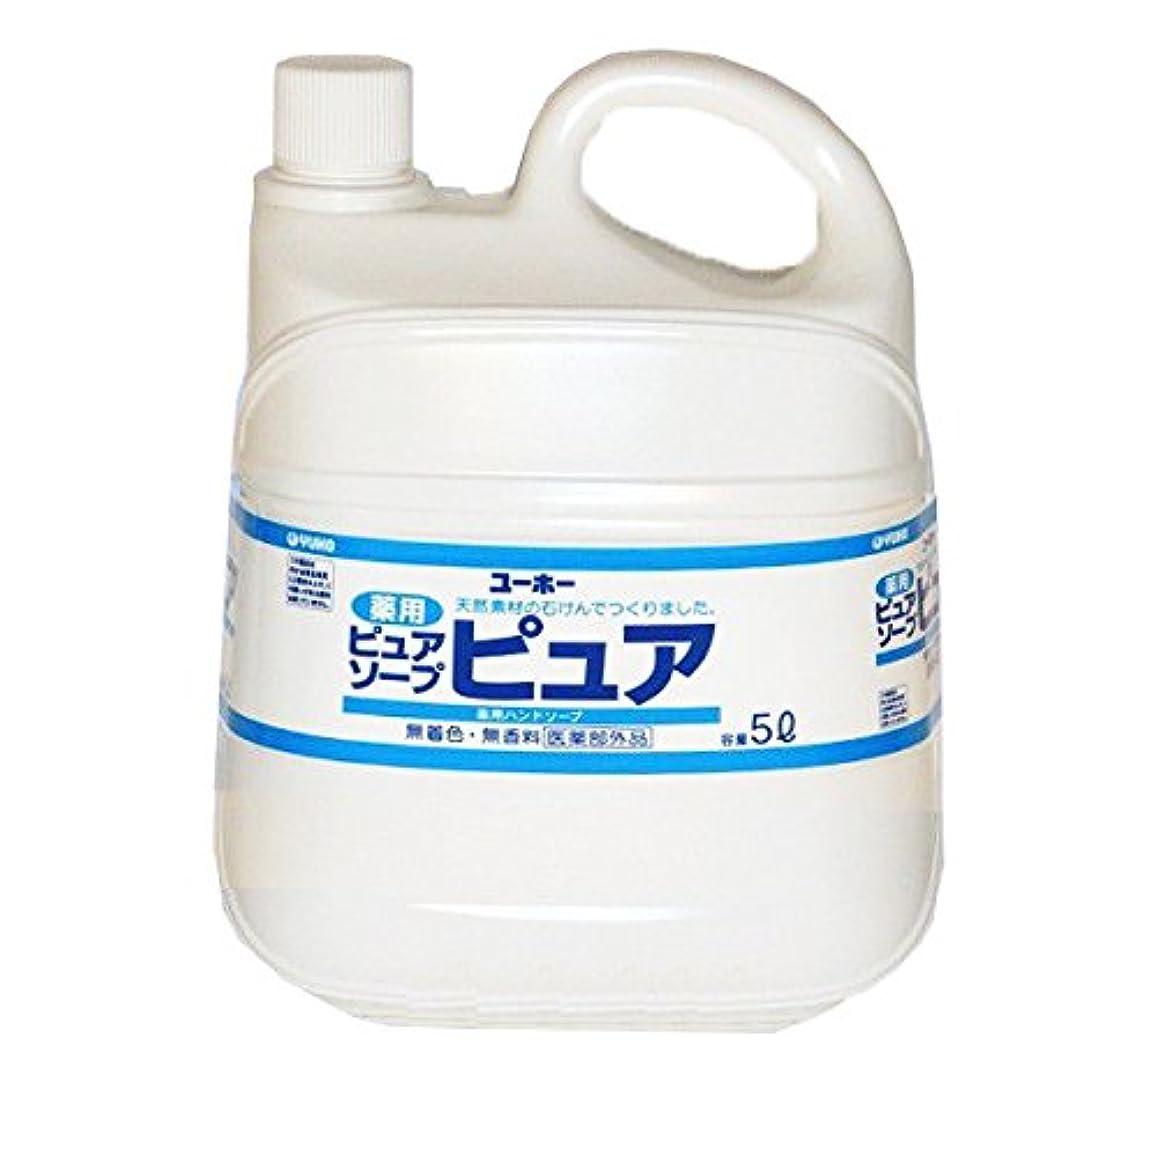 ジュース引き潮空のユーホー薬用ピュアソープピュア 5L /0-6147-02